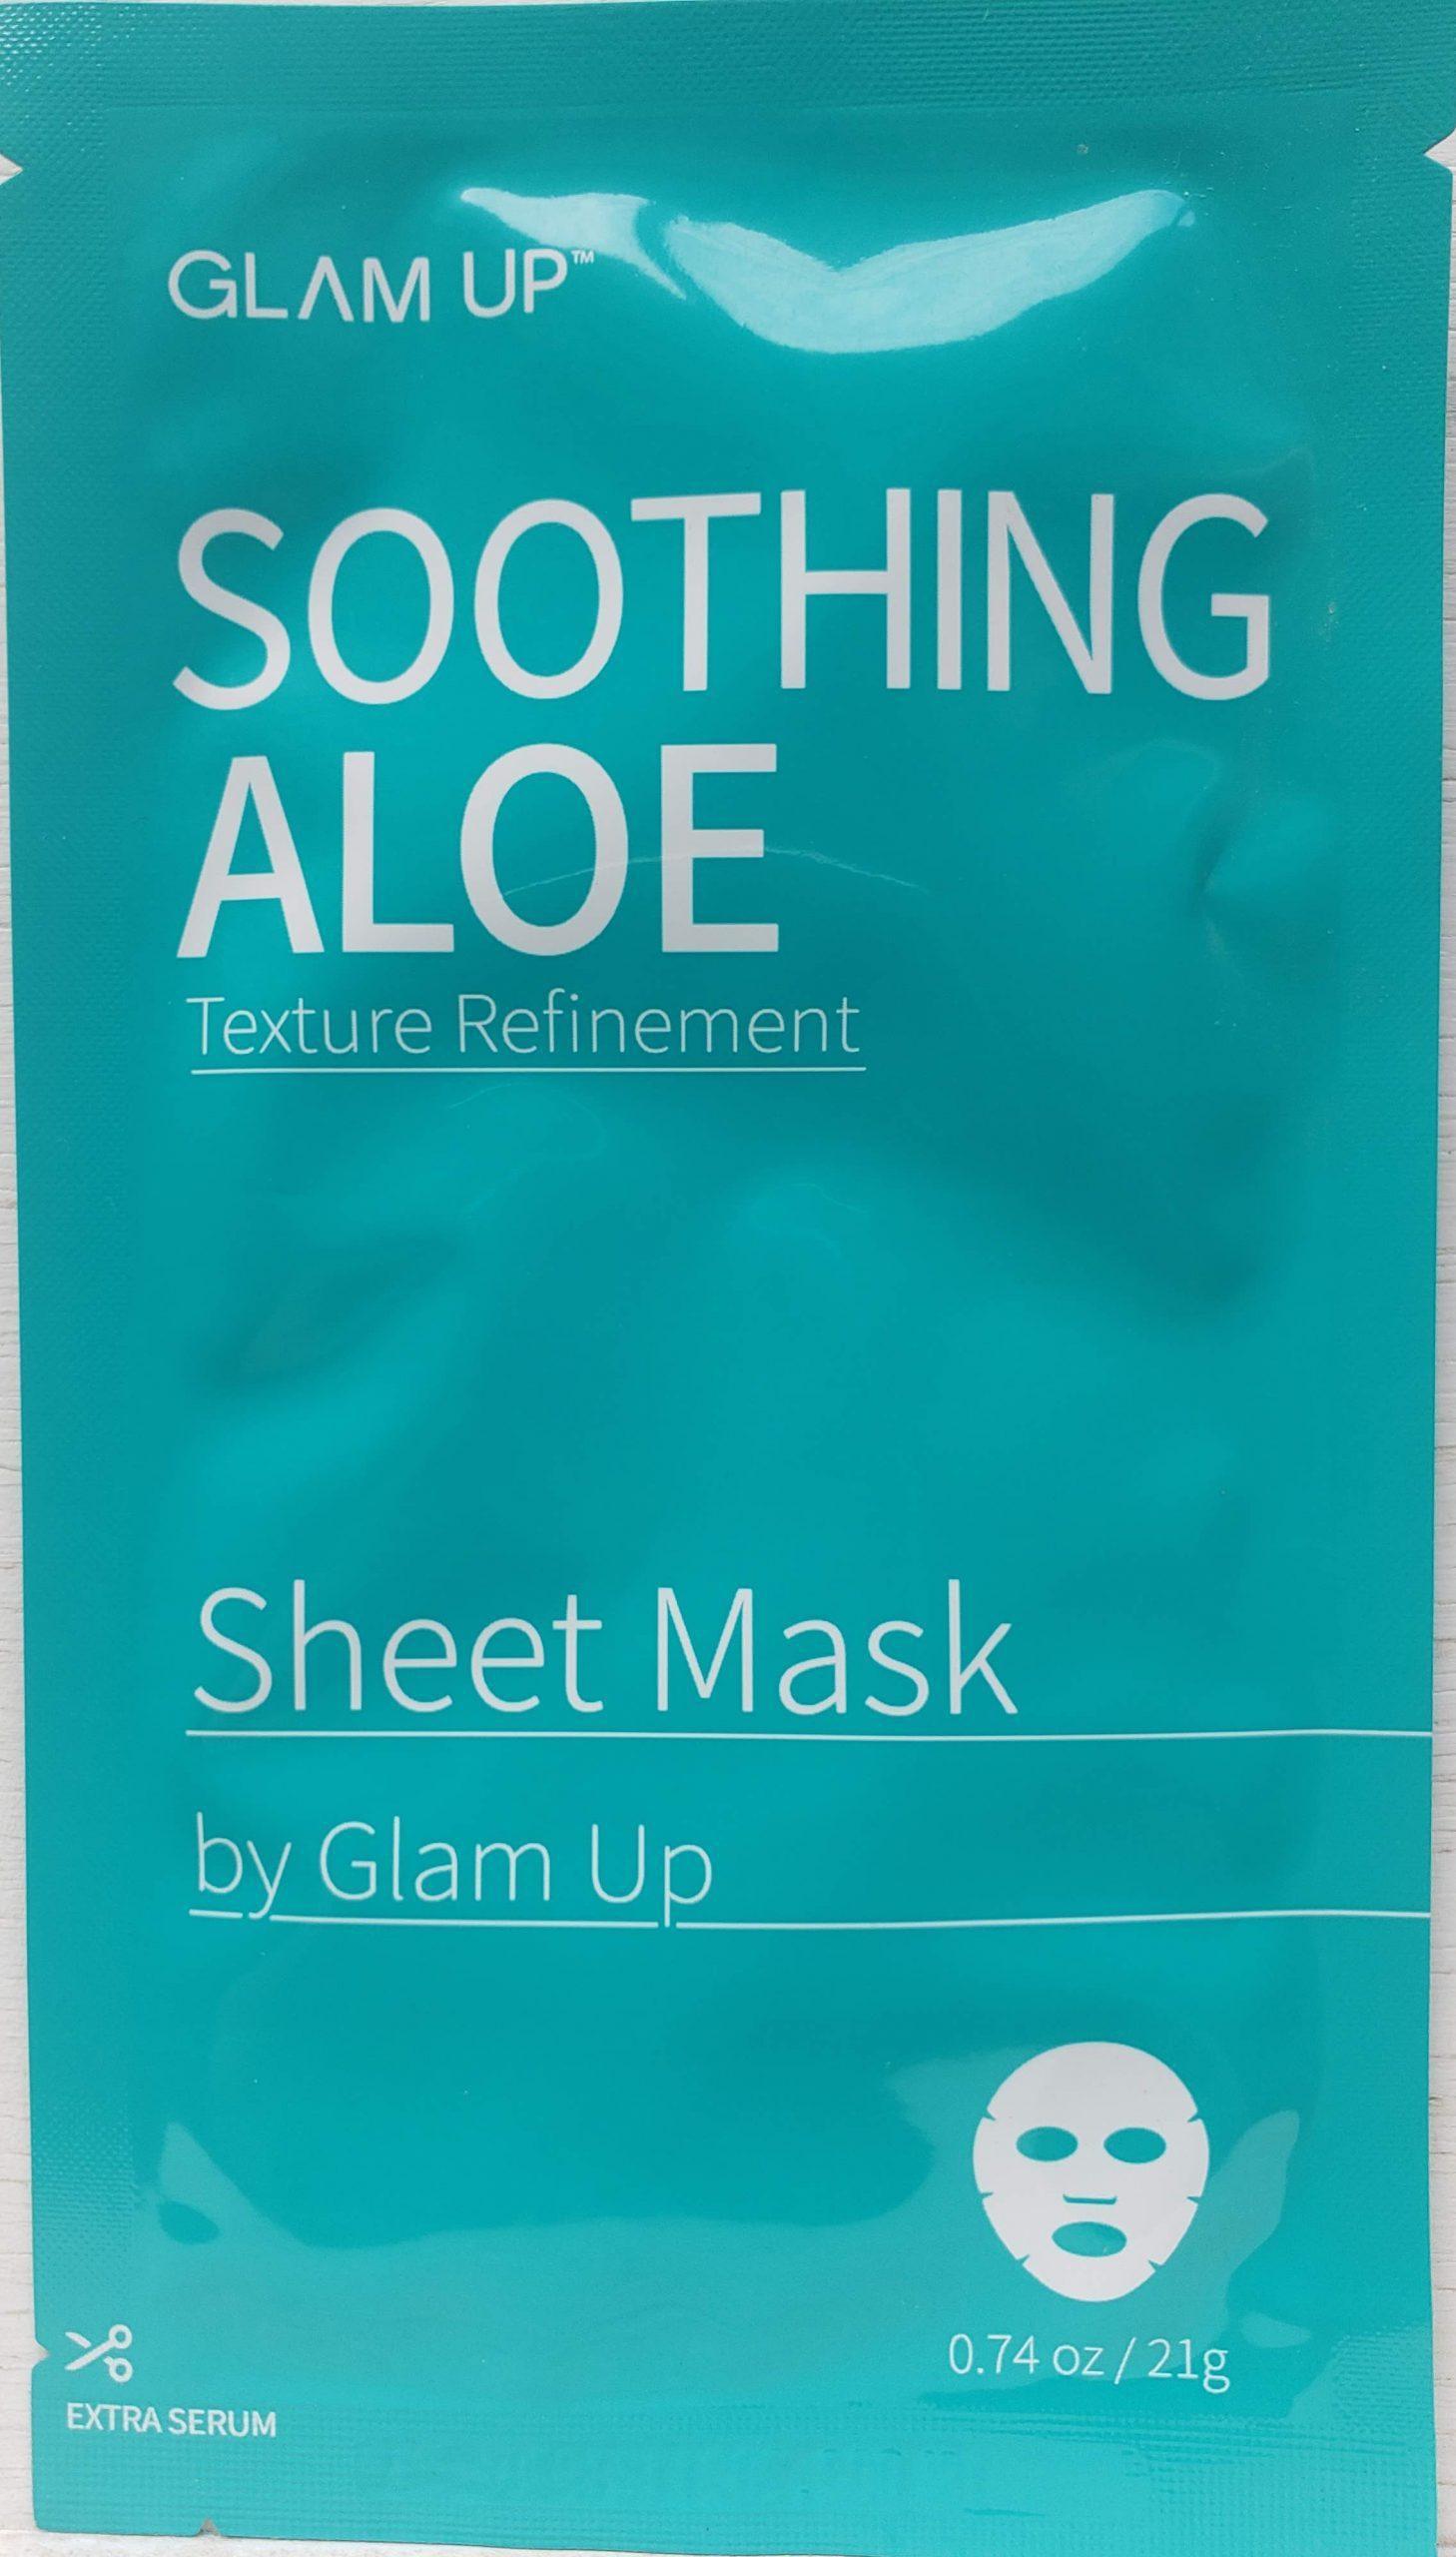 GLAM UP Soothing Aloe Sheet Mask